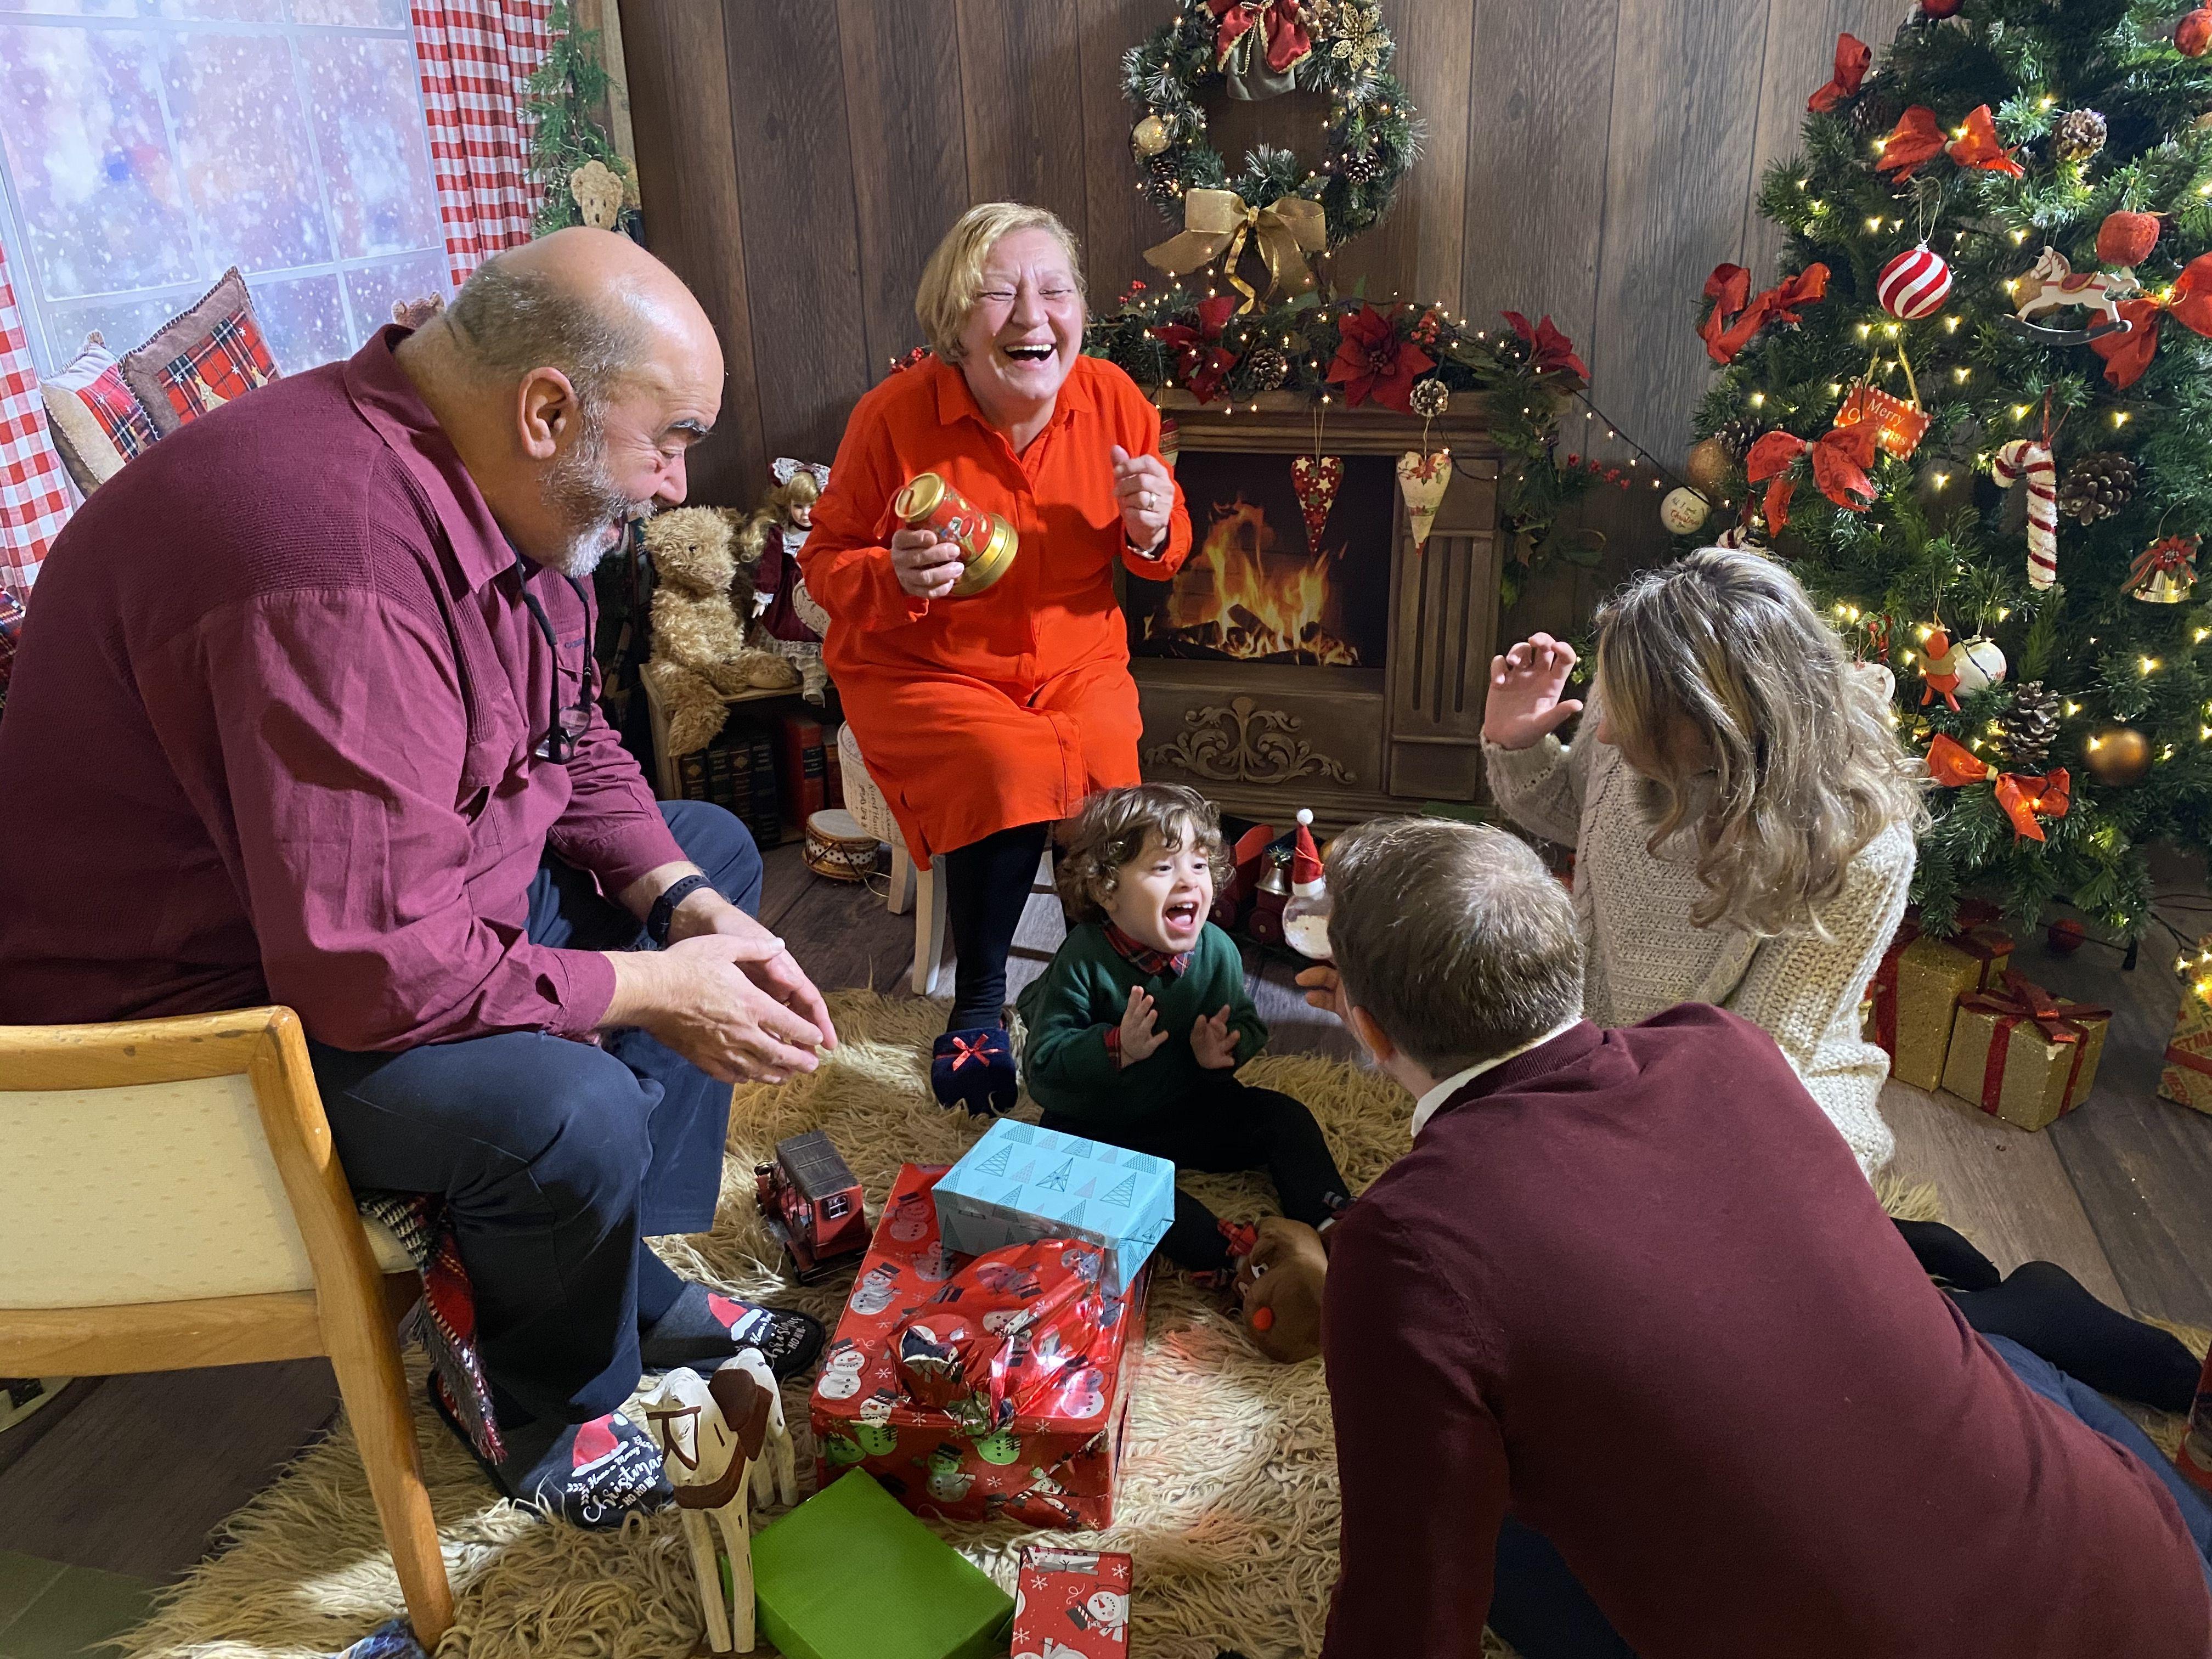 (P) Părinți aduși acasă, de Crăciun, prin intermediul unei holograme